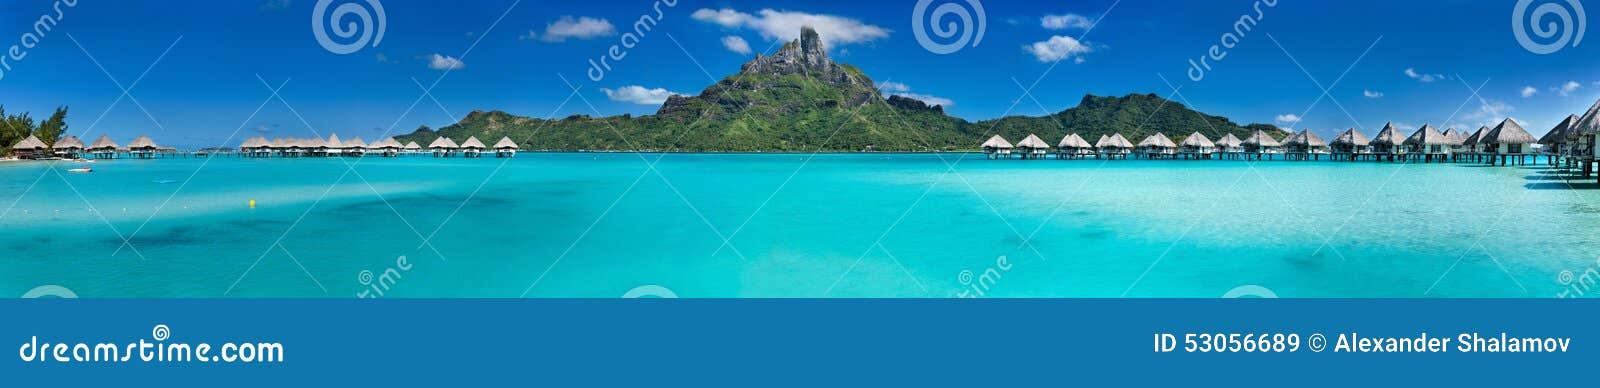 塔希提岛旅游价格_博拉博拉岛全景 库存图片. 图片 包括有 蜜月, 全景, 塔希提岛 ...